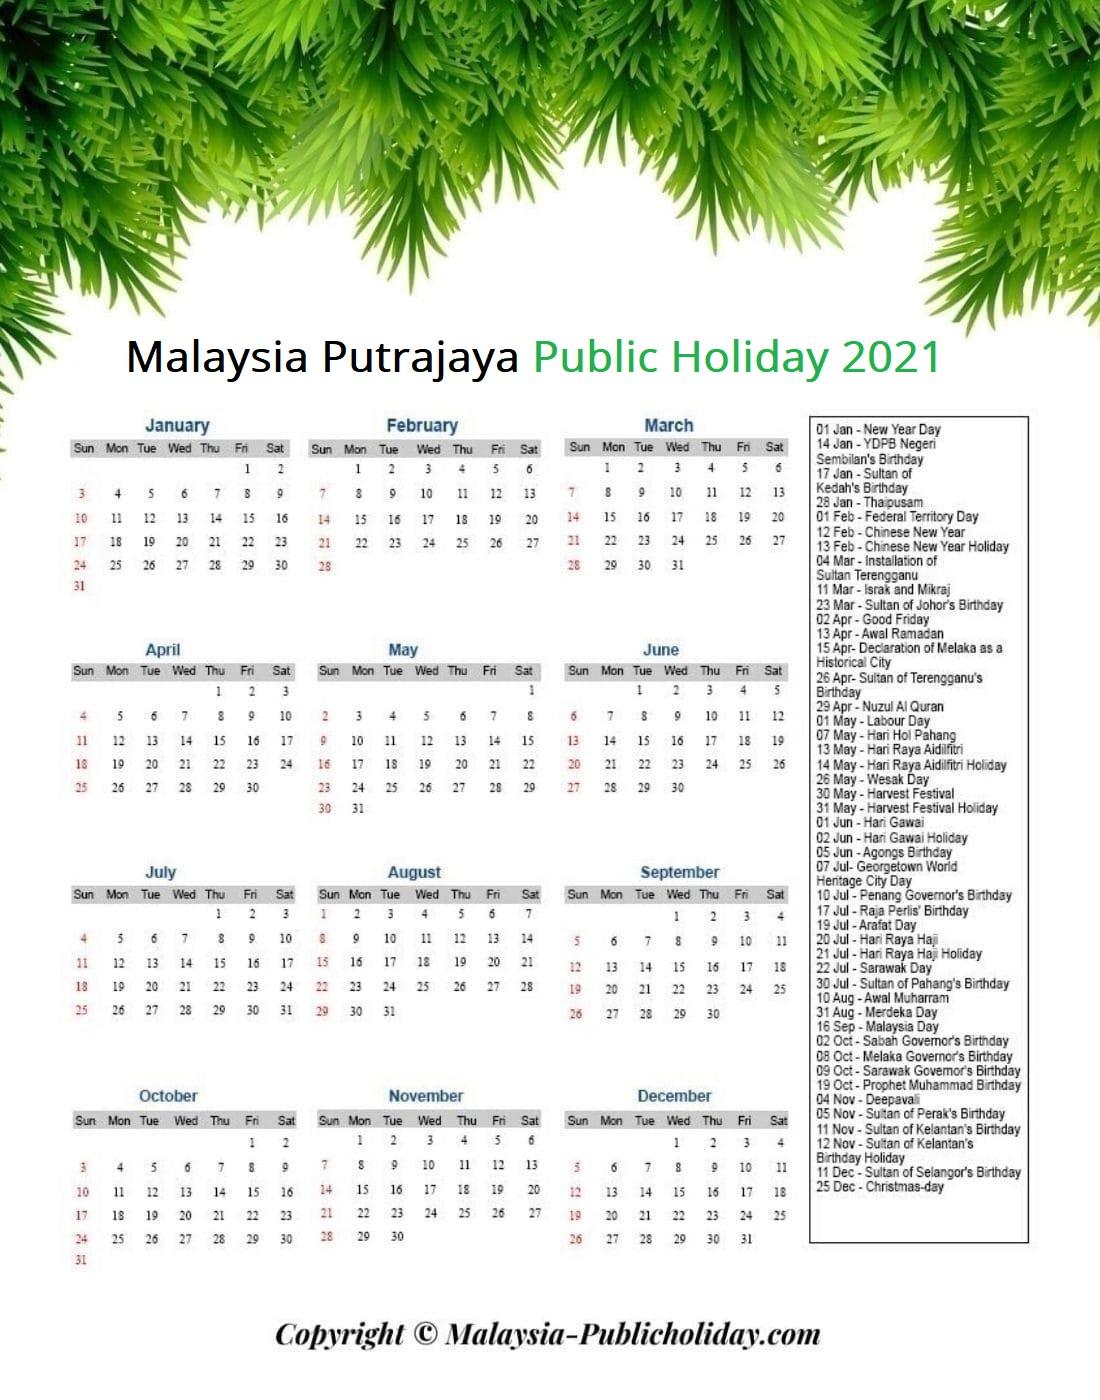 Putrajaya Holiday 2021 Malaysia